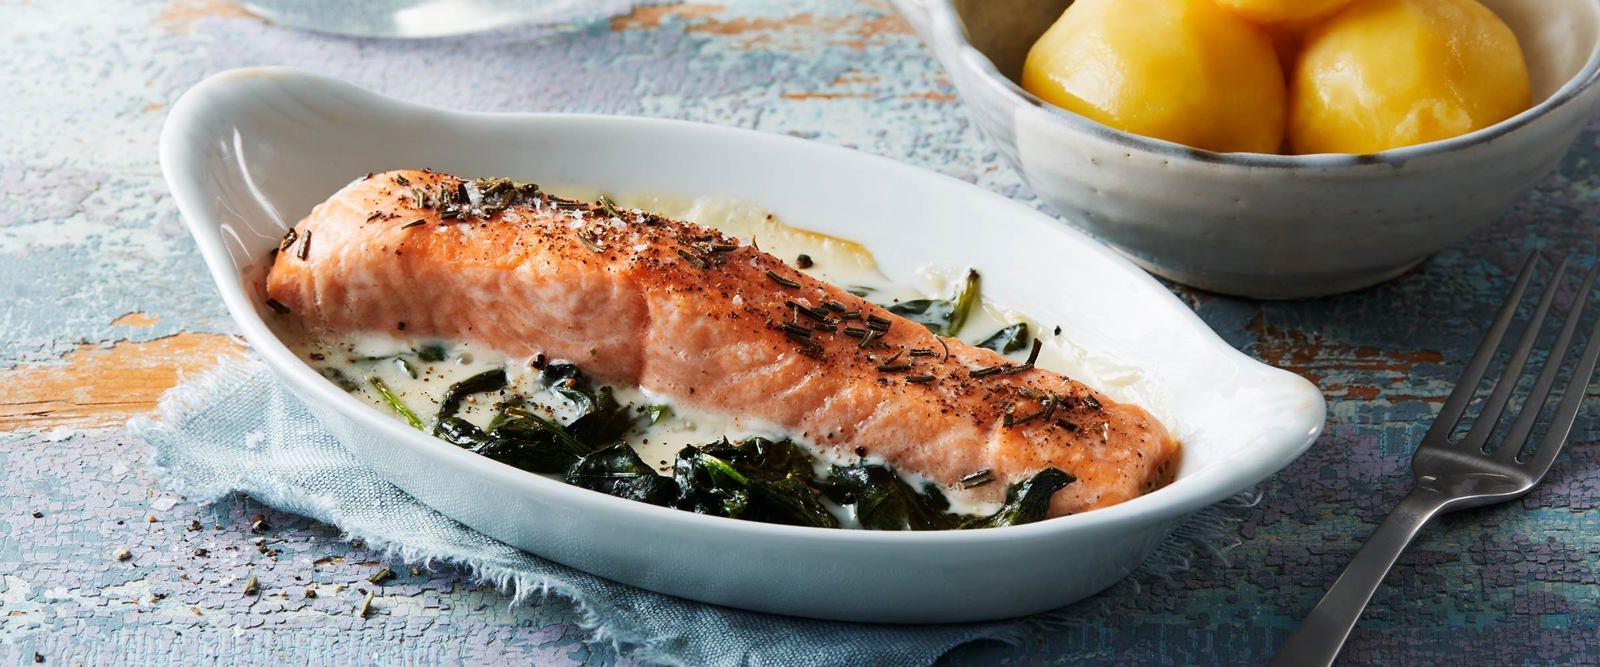 Snabb middag med fisk som huvudingrediens, recepten hittar du här